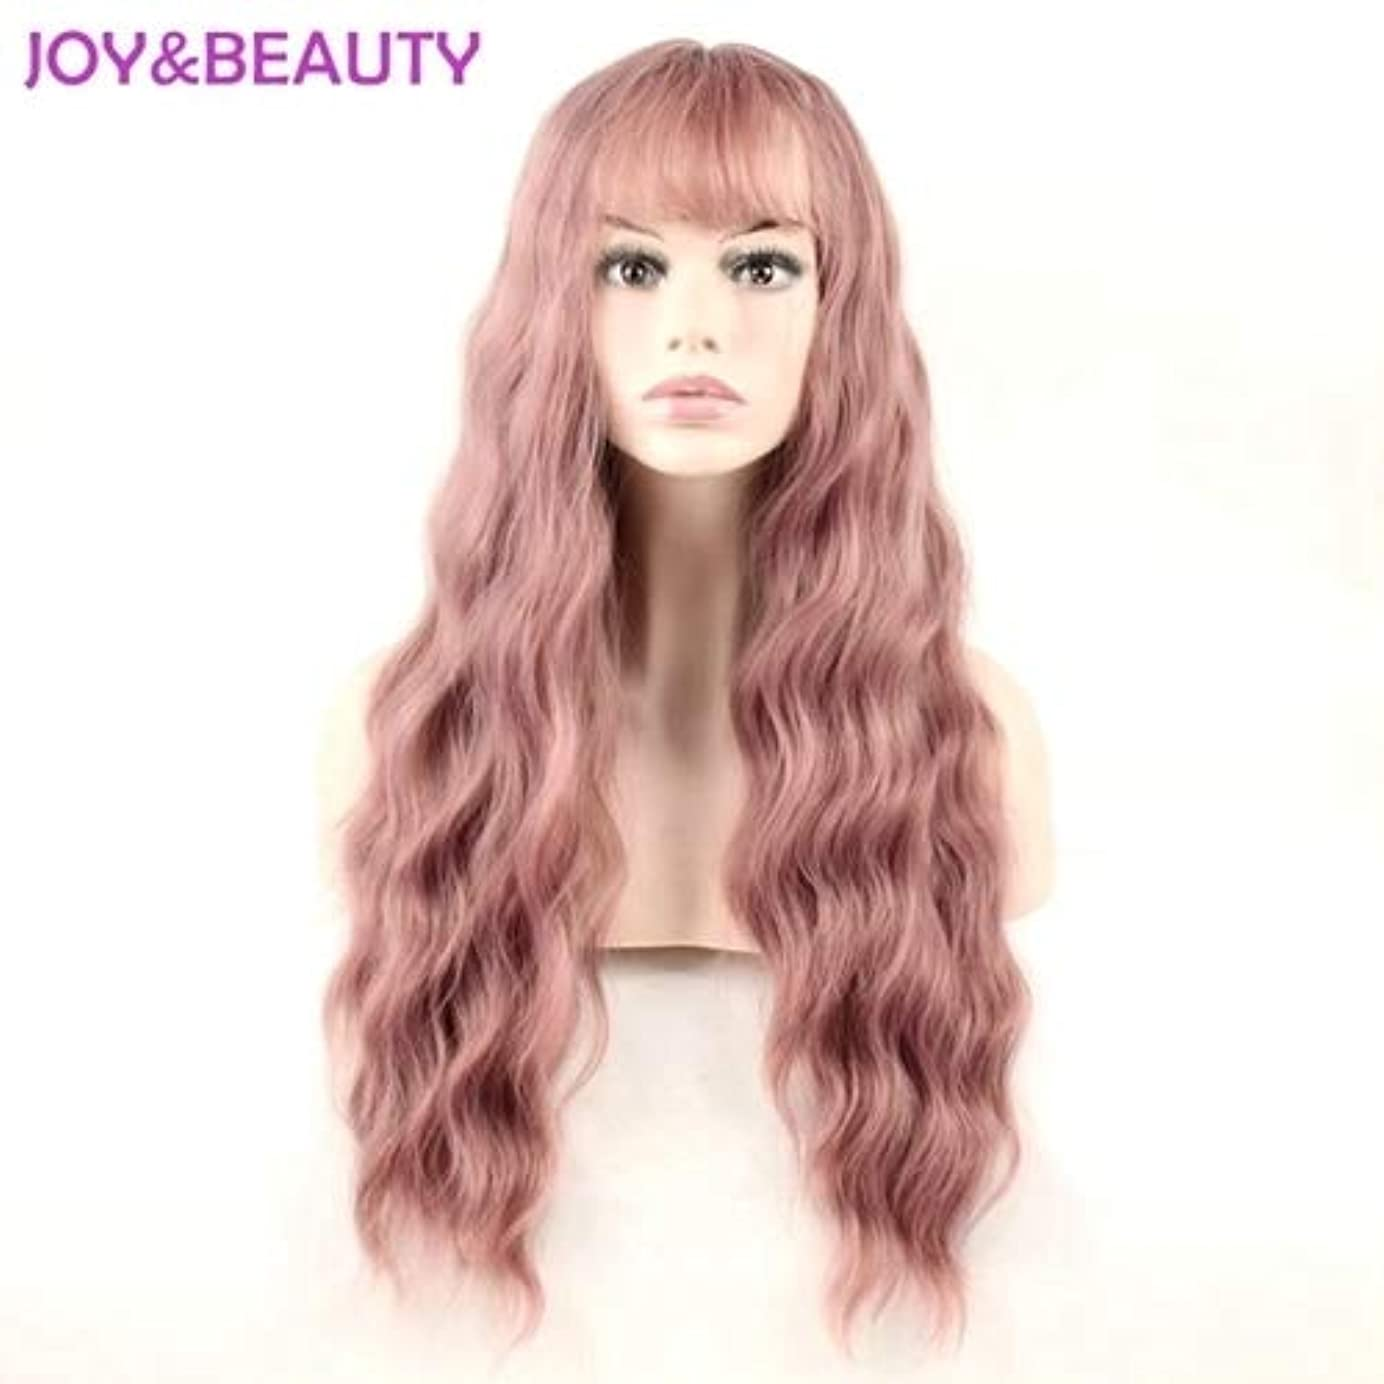 相続人追加する放つ美しく JOY&BEAUTYUltra薄型前髪ロングカーリーウィッグの合成かつらグレーブラックピンク26インチ高温ファイバーの女性のかつら (Color : Pink, Stretched Length : 26inches)